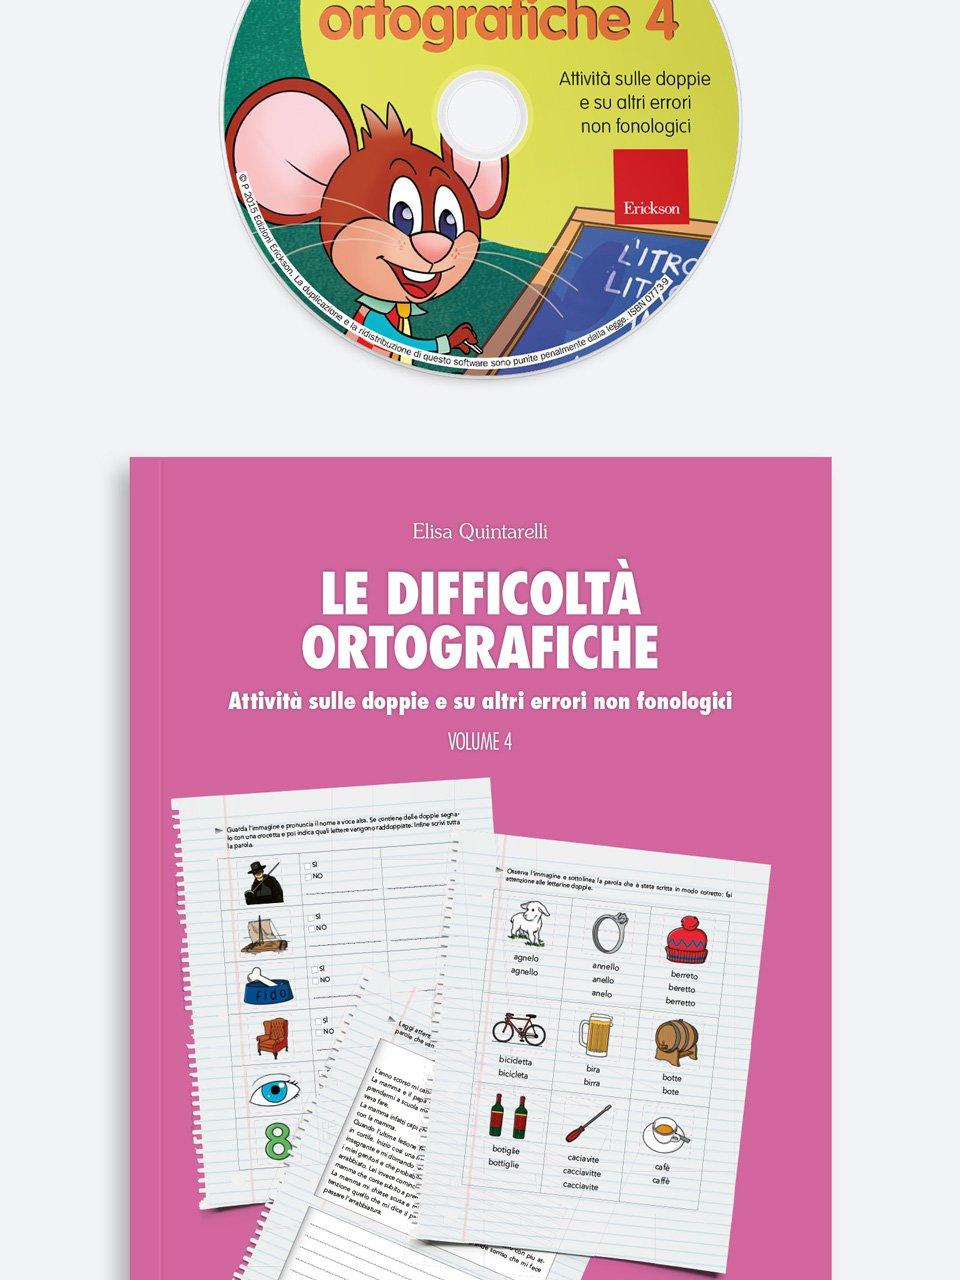 Le difficoltà ortografiche - Volume 4 - Schede per Tablotto (6-8 anni) - Grammatica incant - Giochi - Erickson 3